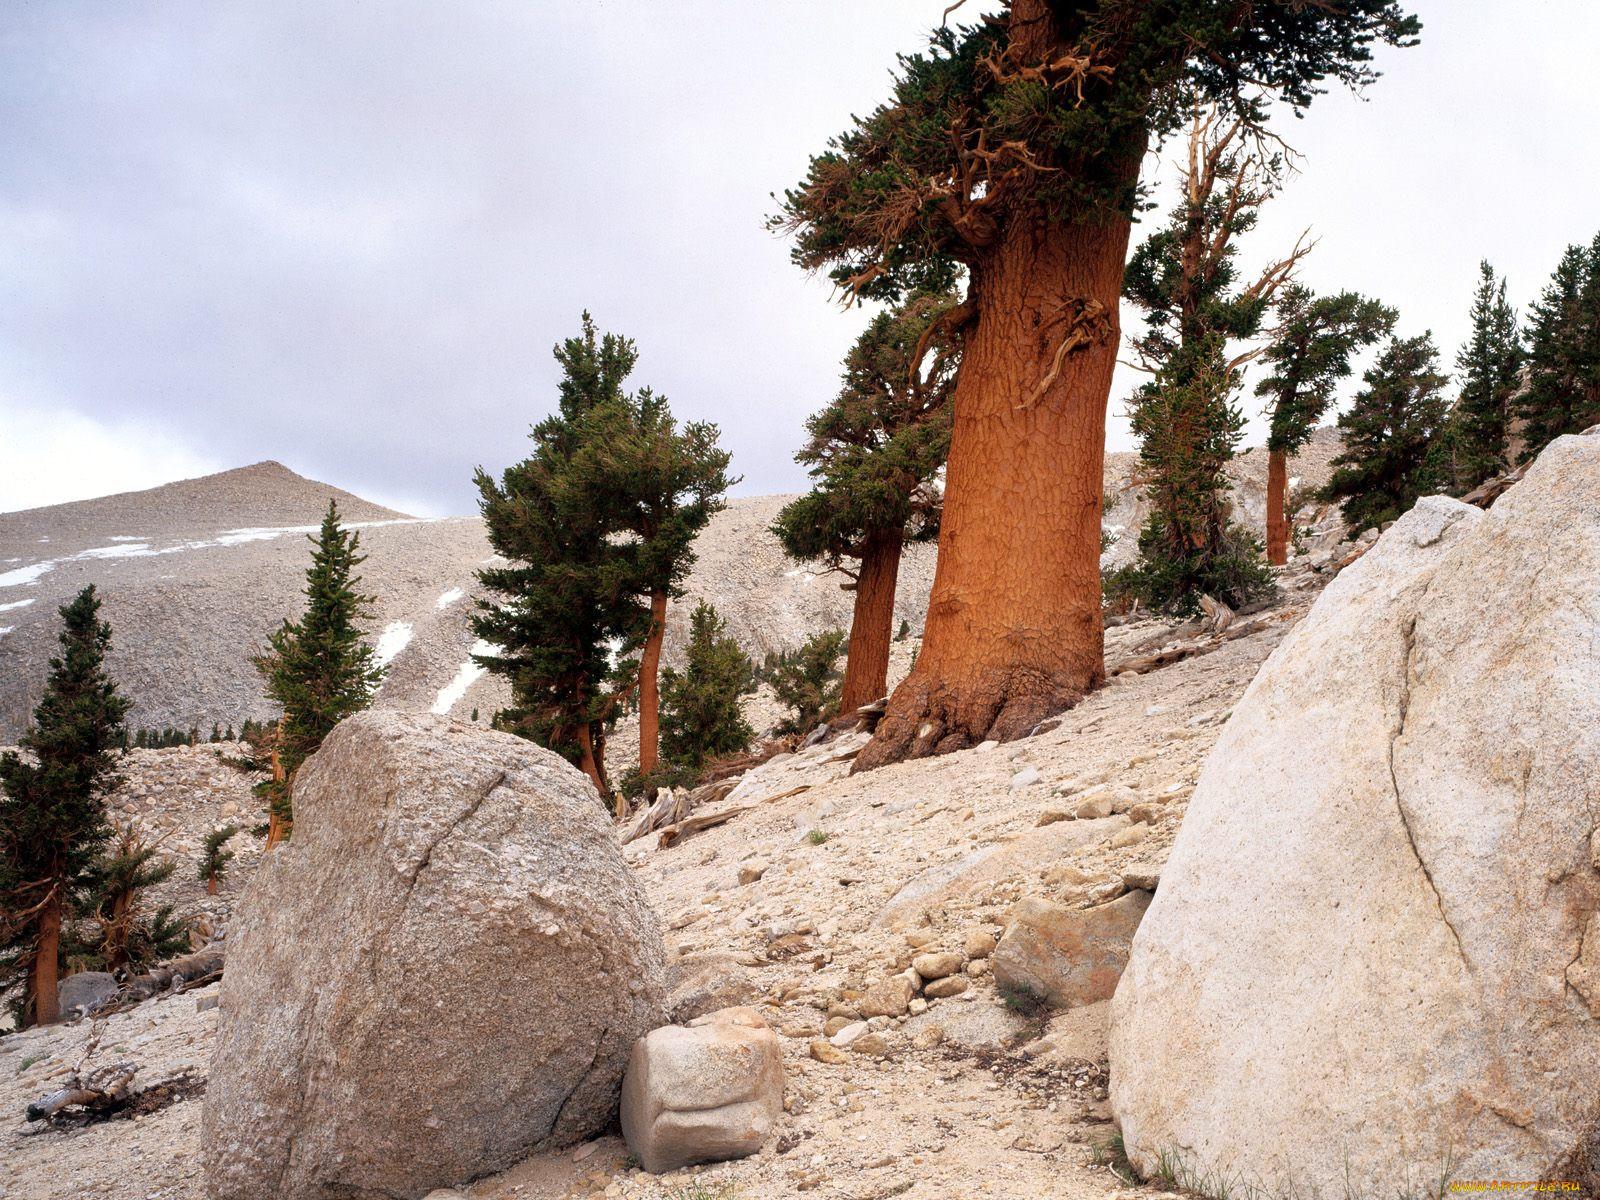 так, дерево растущее в камне фото станках